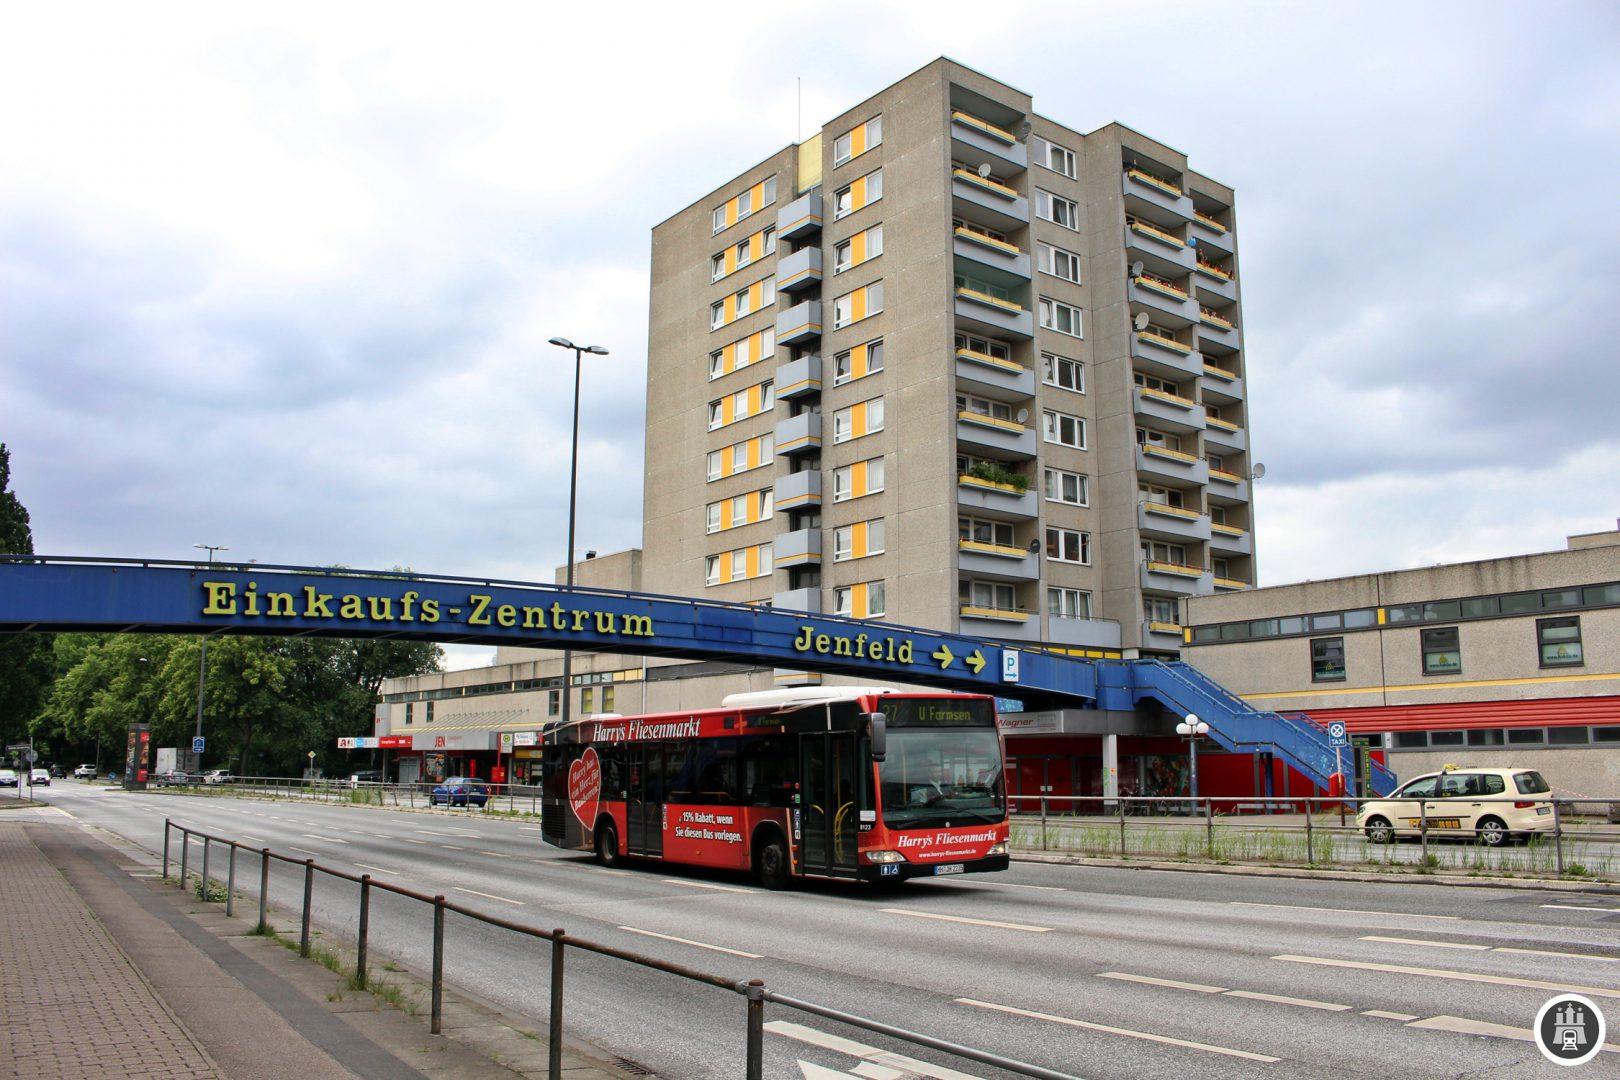 Am Jenfeld-Zentrum trifft die Linie 27 auf die MetroBus-Linie 10 sowie auf zahlreiche weitere Buslinien.